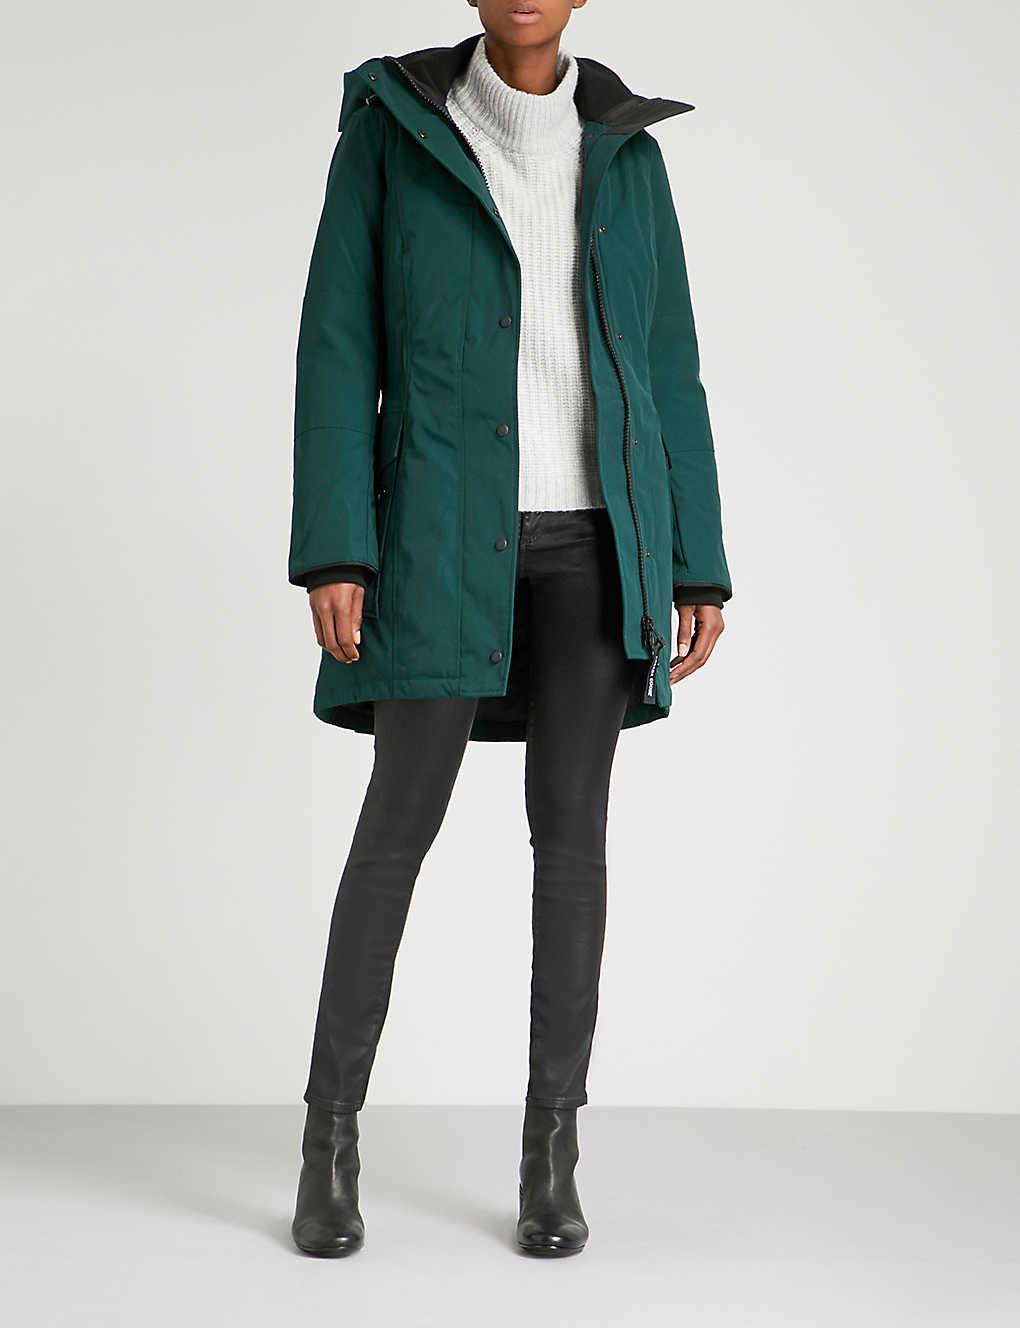 Parka coats - Coats - Coats & jackets - Clothing - Womens ...